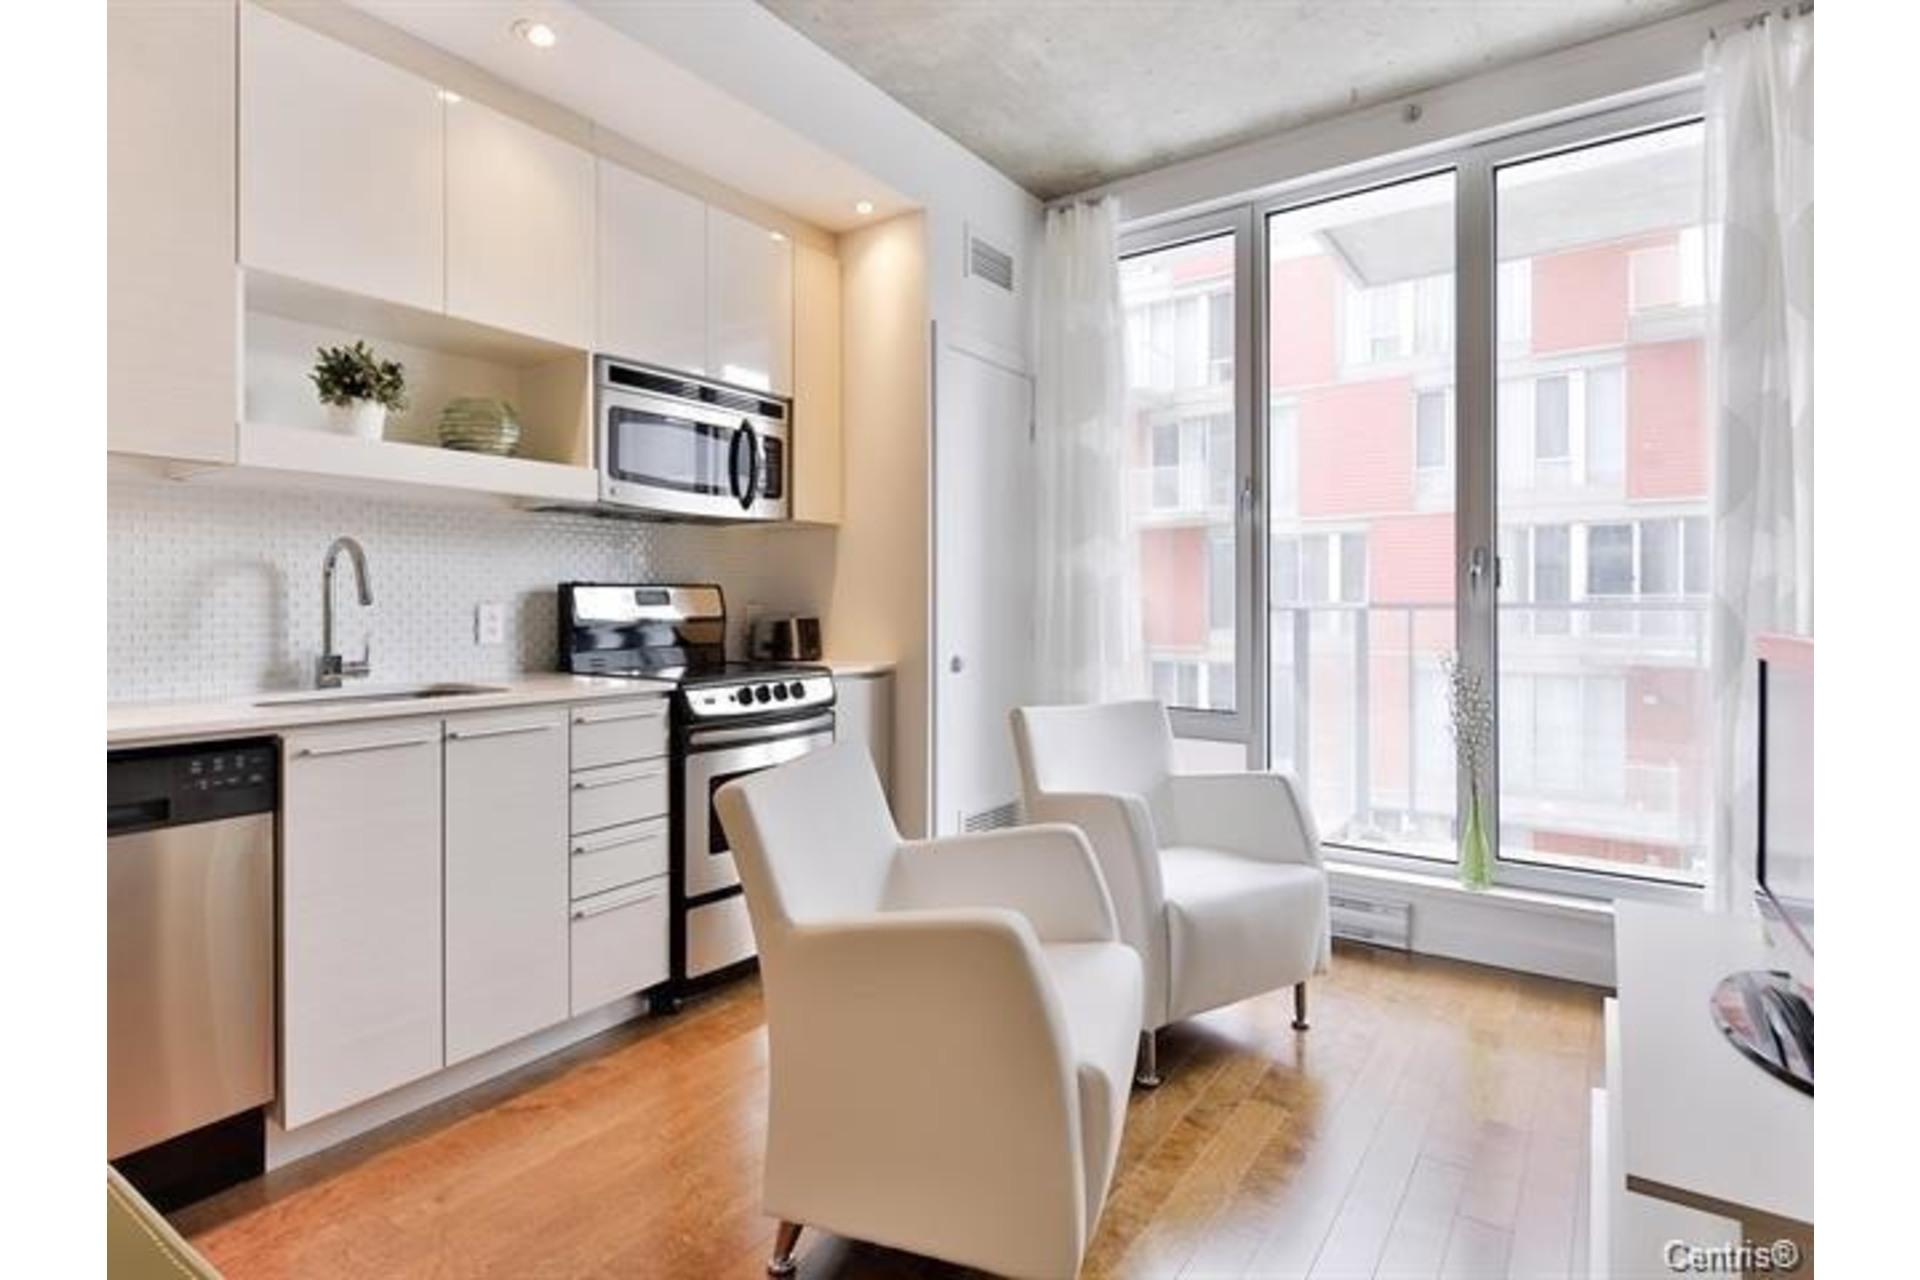 image 2 - Appartement À louer Montréal